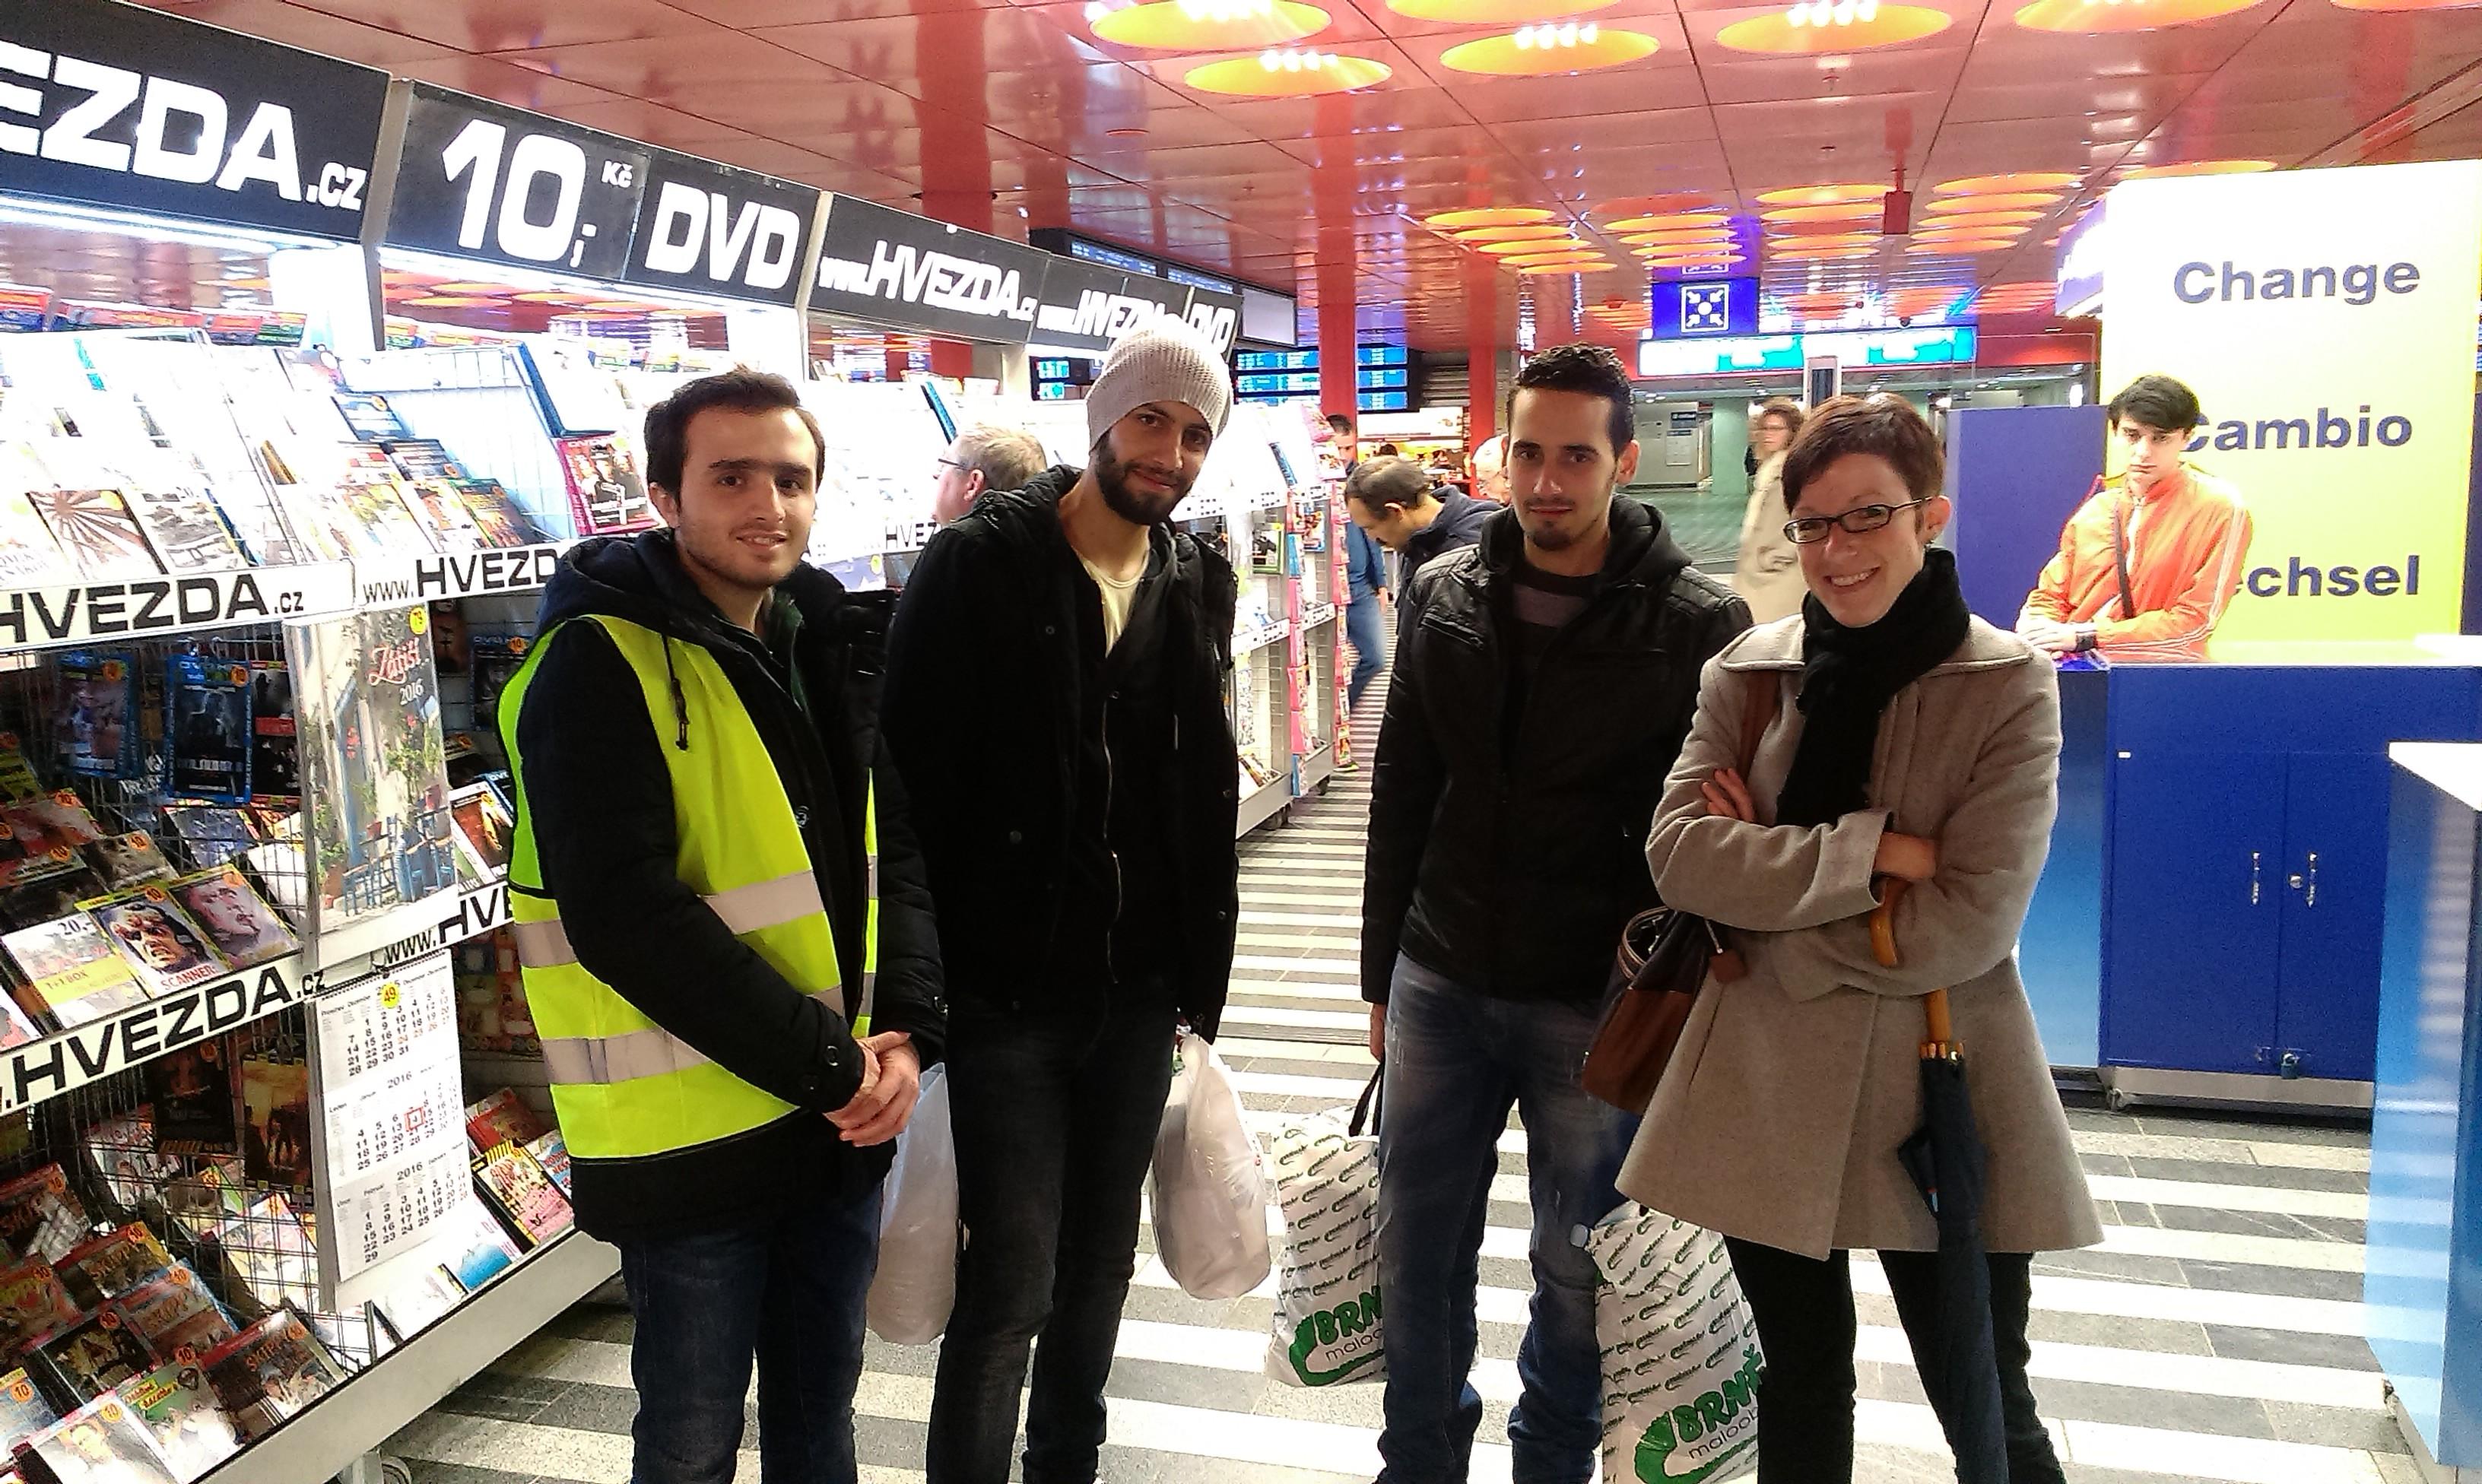 4_Hossam a Abdulhadi (oba uprostřed). Hossam už je díky pomoci aktivistů v Drážďanech se svojí rodinou ve Švédsku. Abdulhadi žádá v Německu o azyl